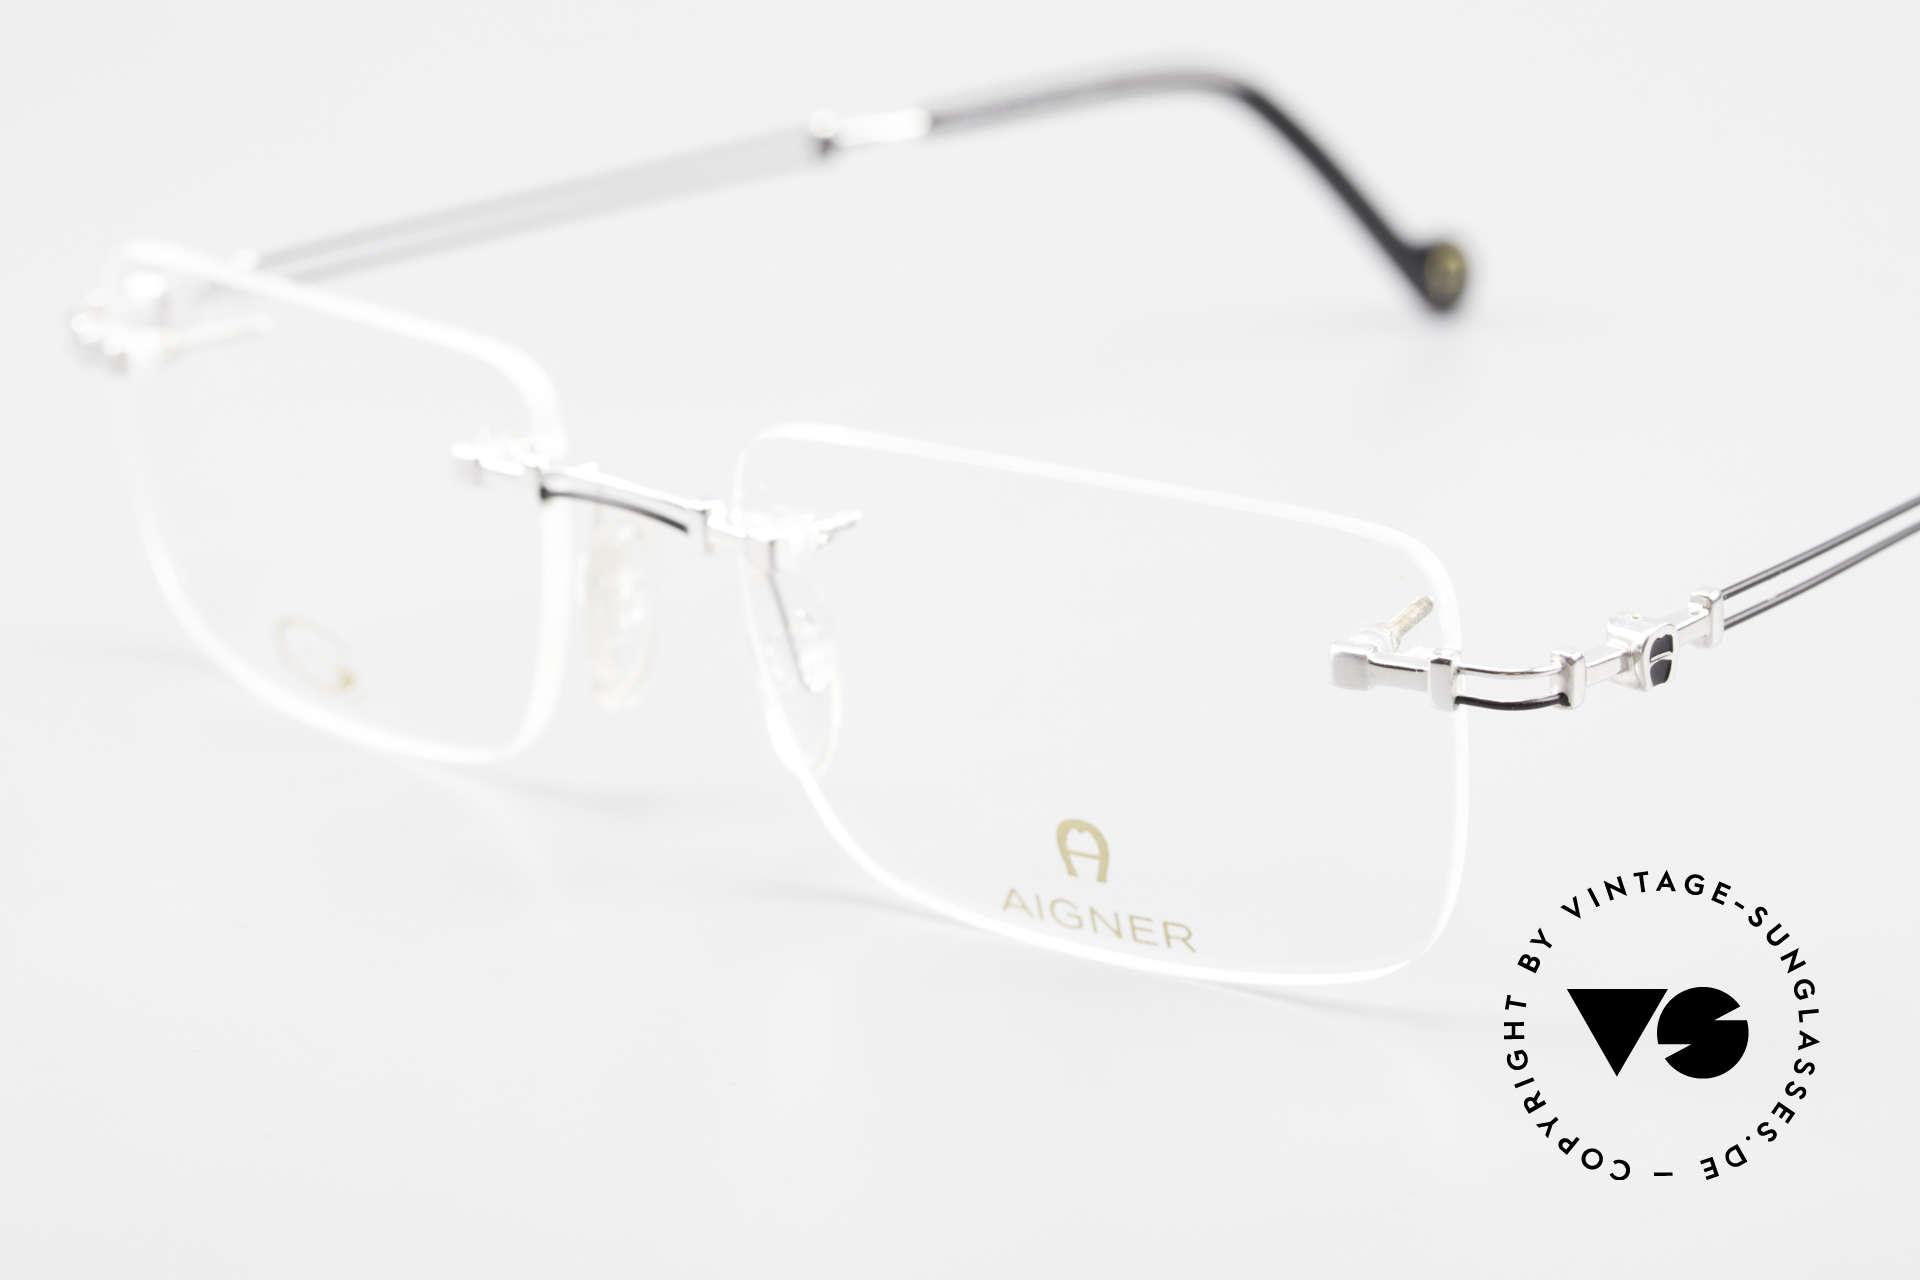 Aigner EA496 Randlose 90er Vintage Brille, sehr leichte und flexible Fassung (angenehm zu tragen), Passend für Herren